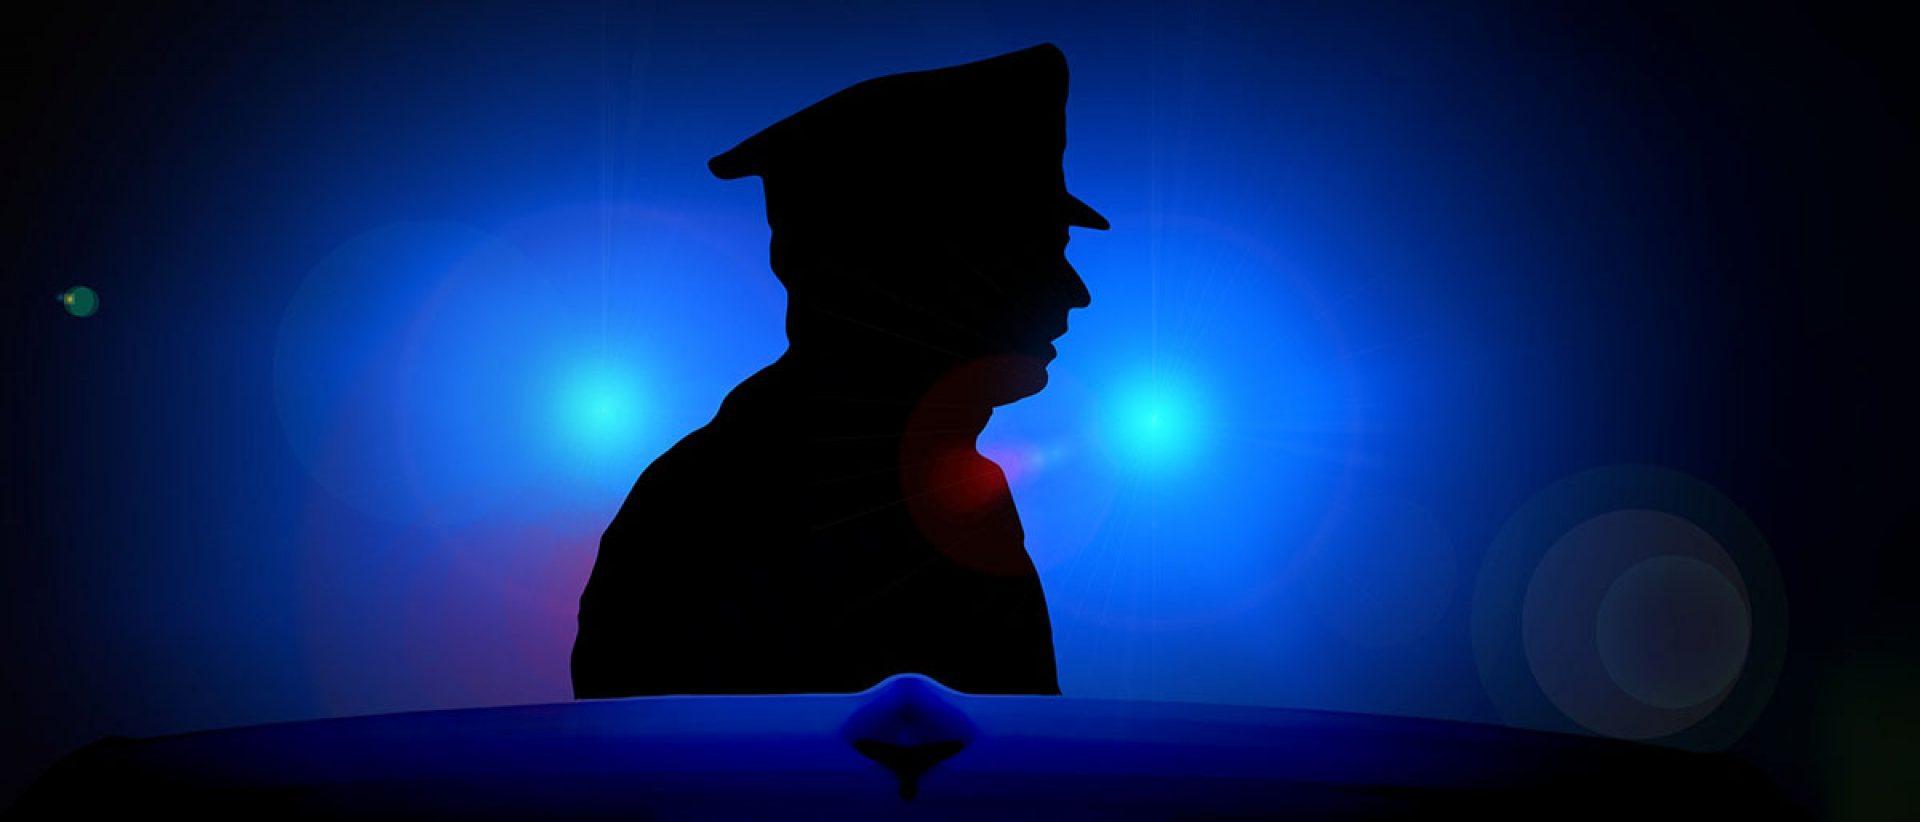 Polizei, Sicherheitsbehörde, Polizisten, Polizist